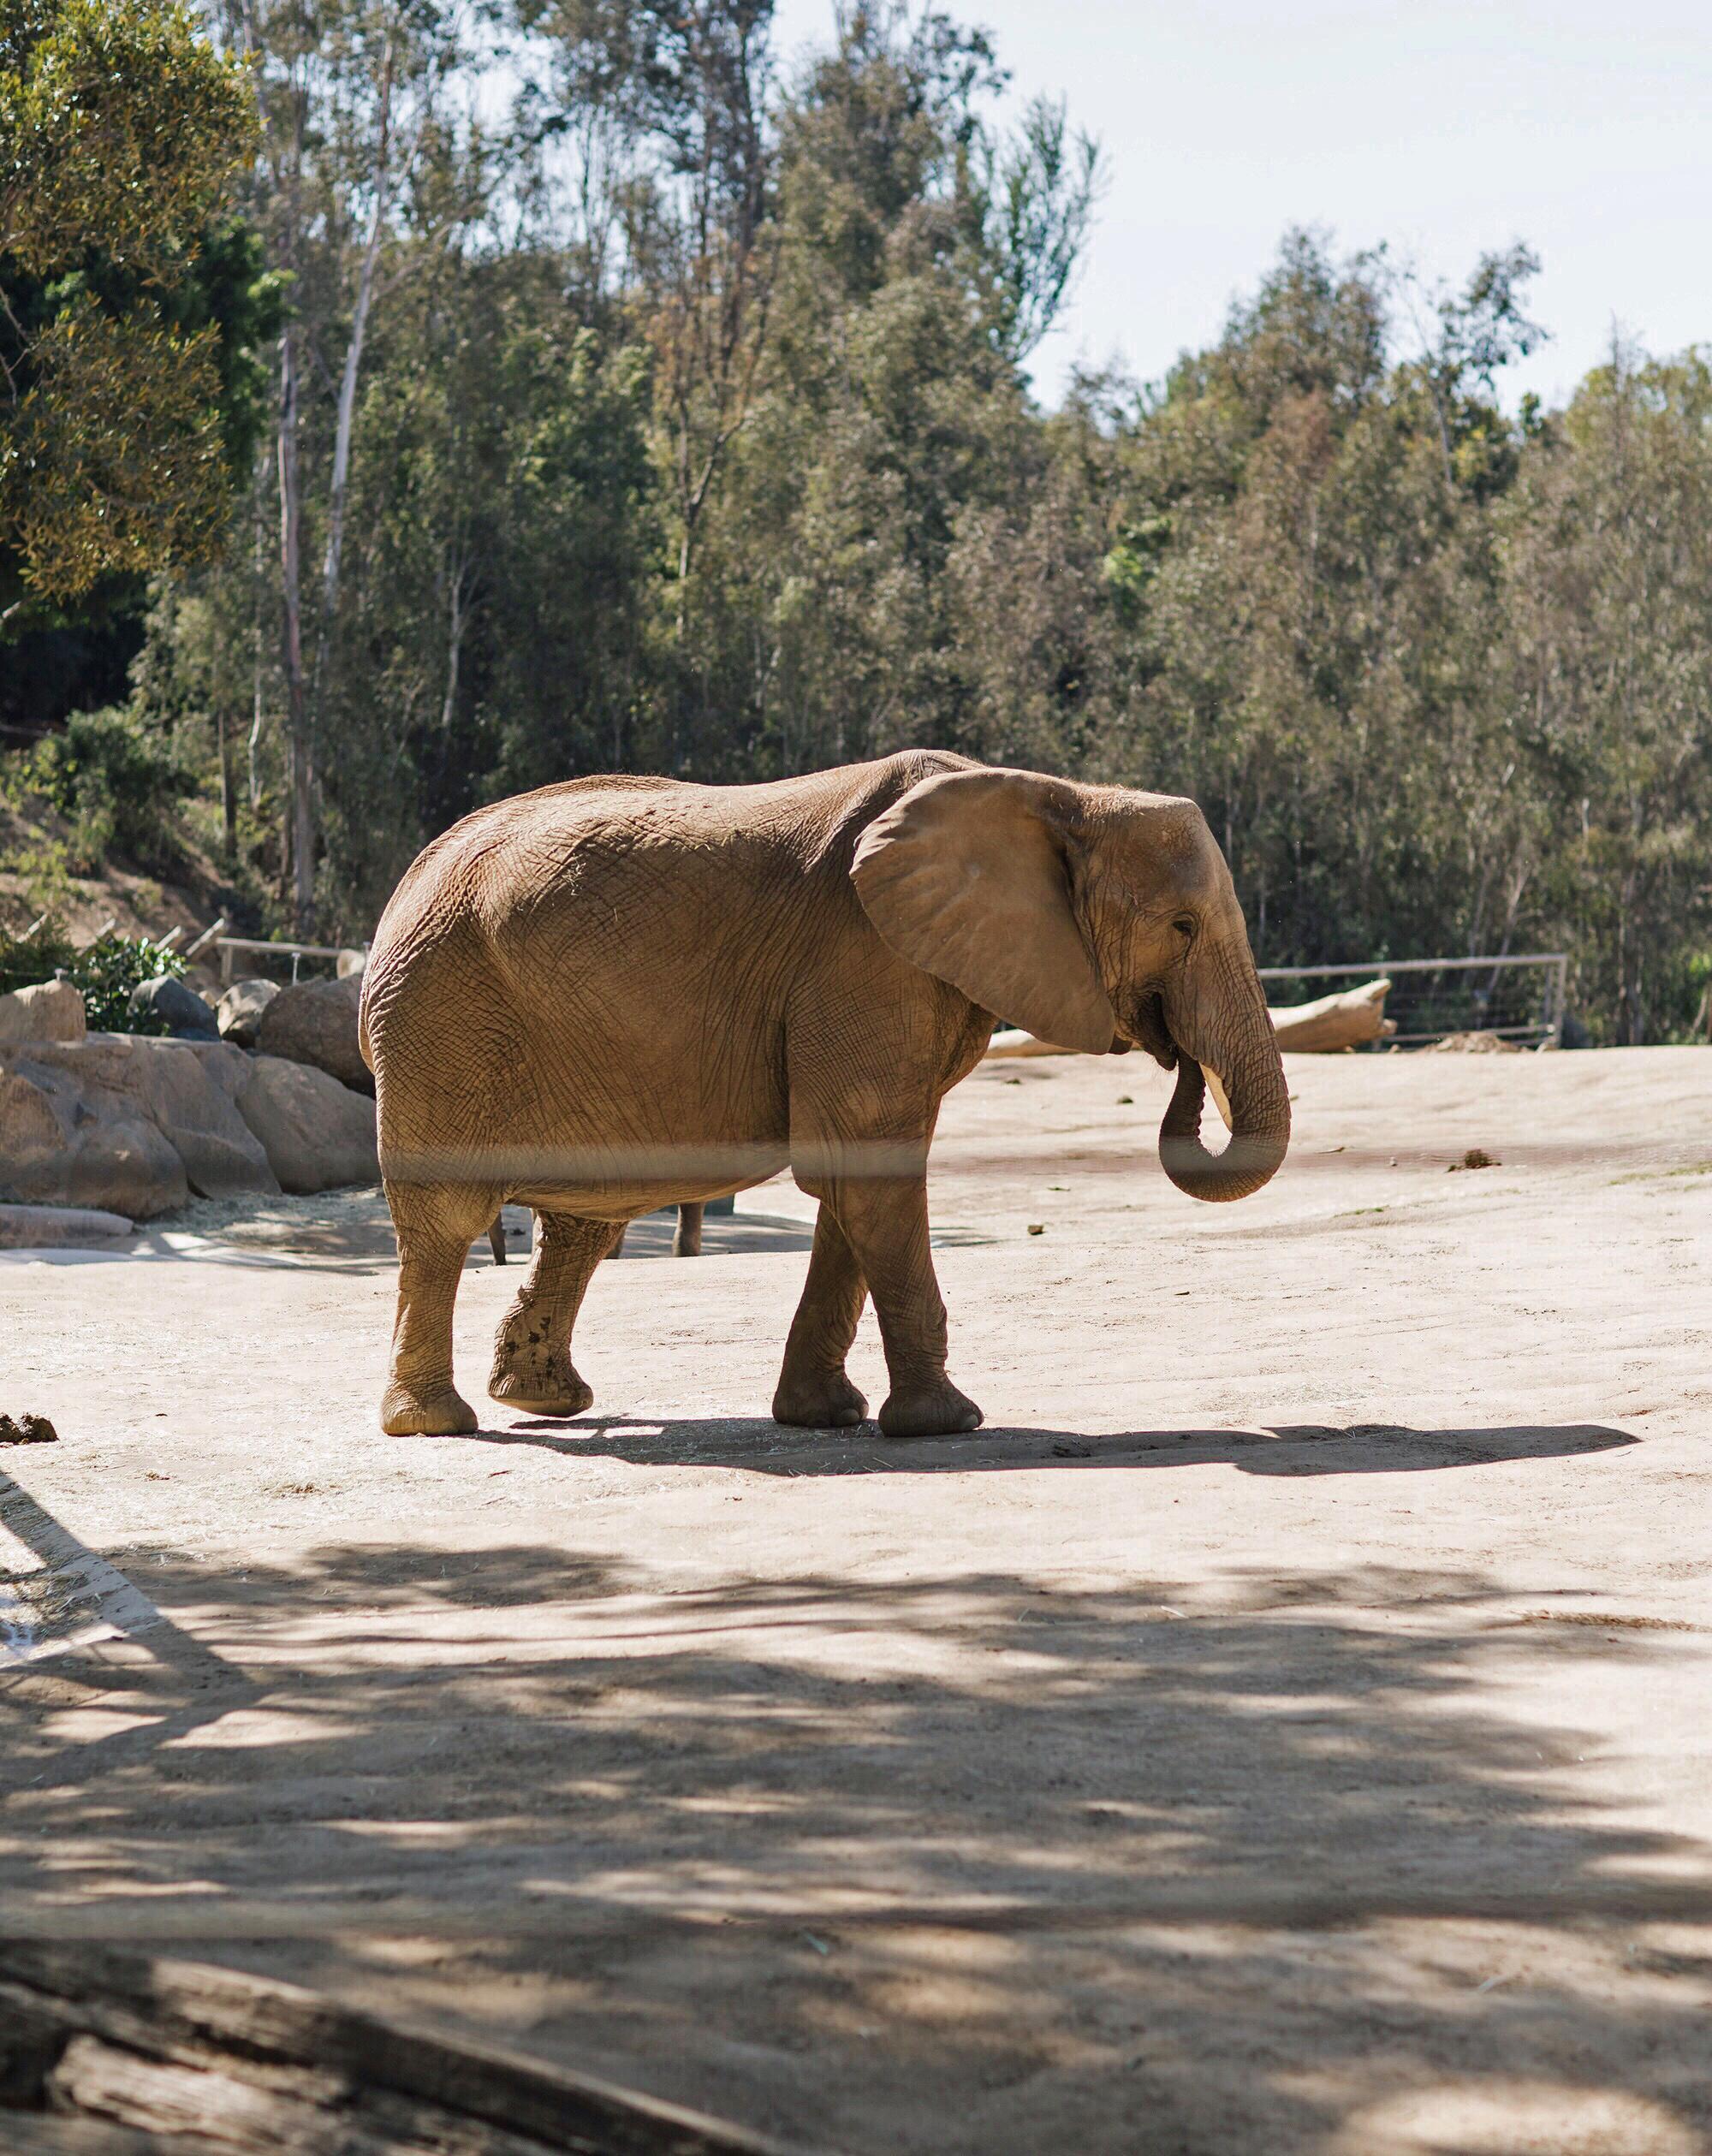 Elephant Safari Park San Diego